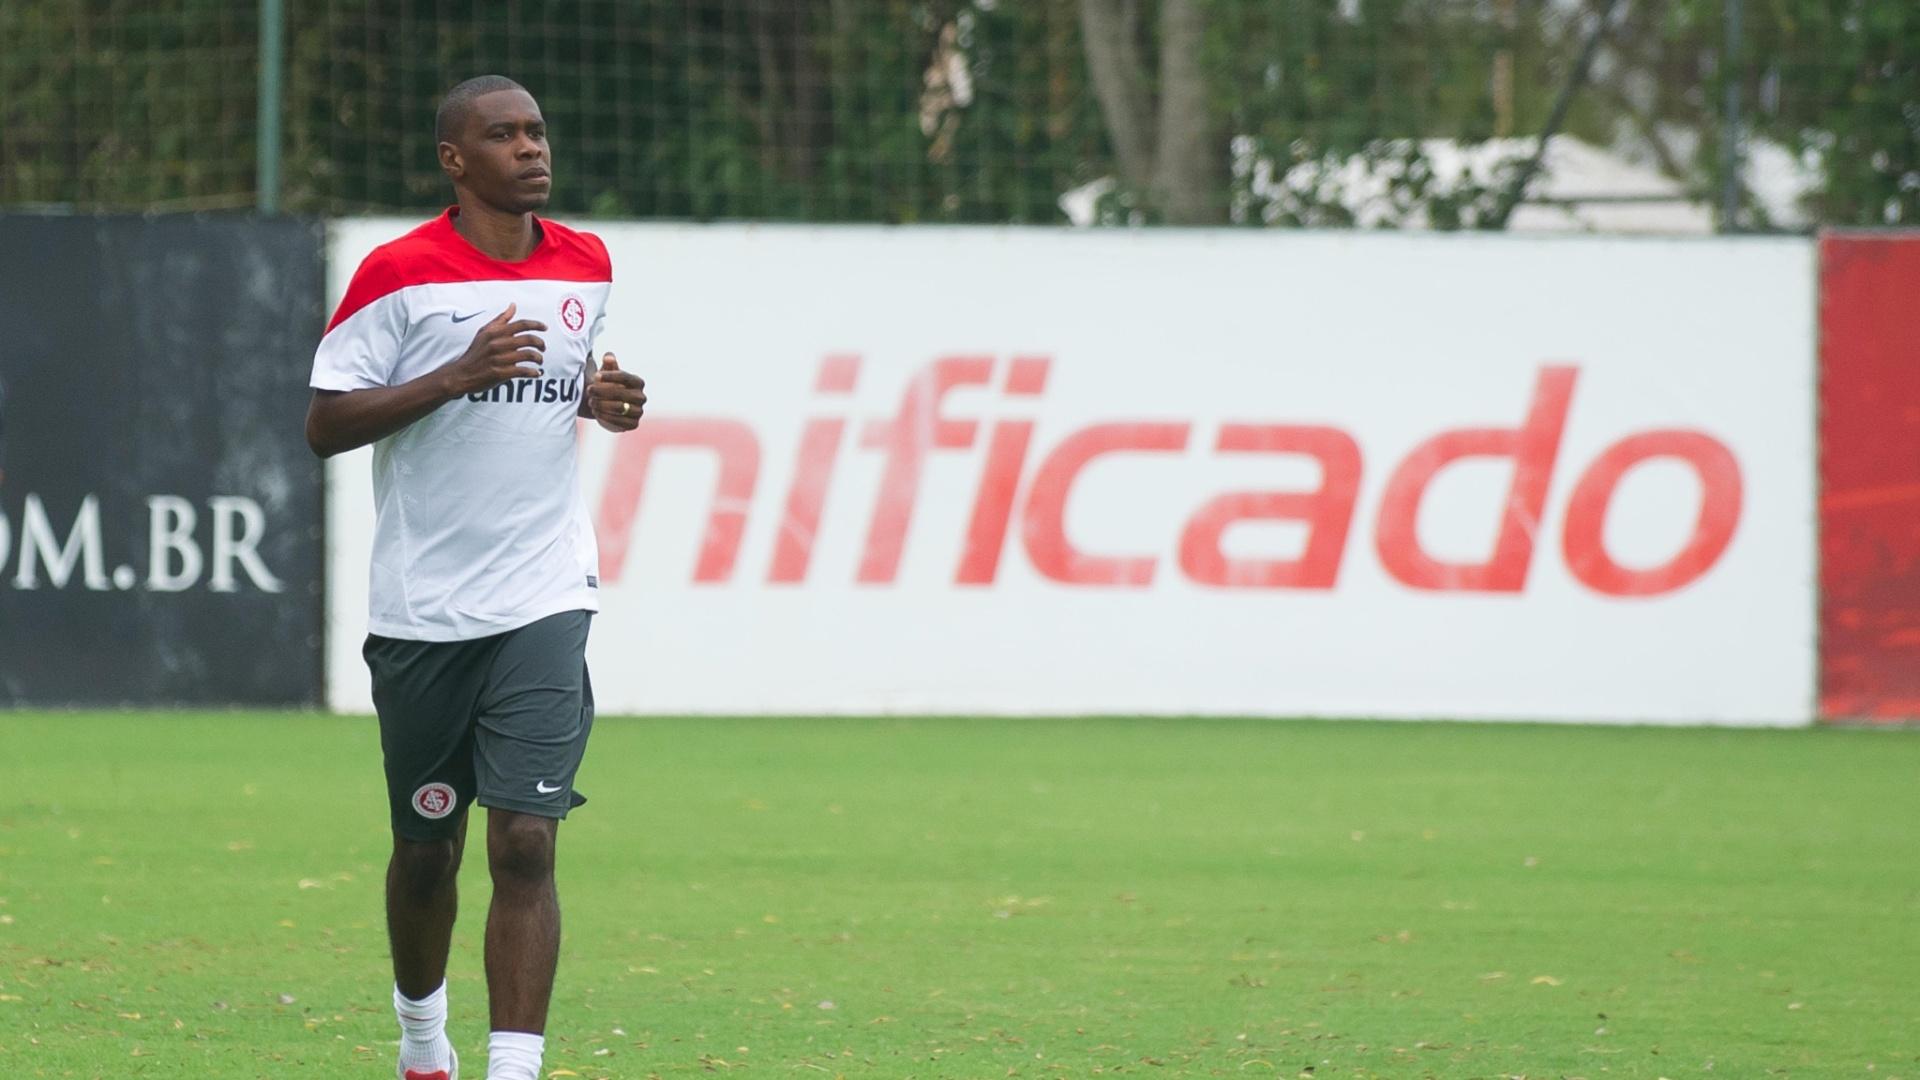 08/01/2014 - Zagueiro Juan corre no primeiro dia de treinos do Internacional no ano